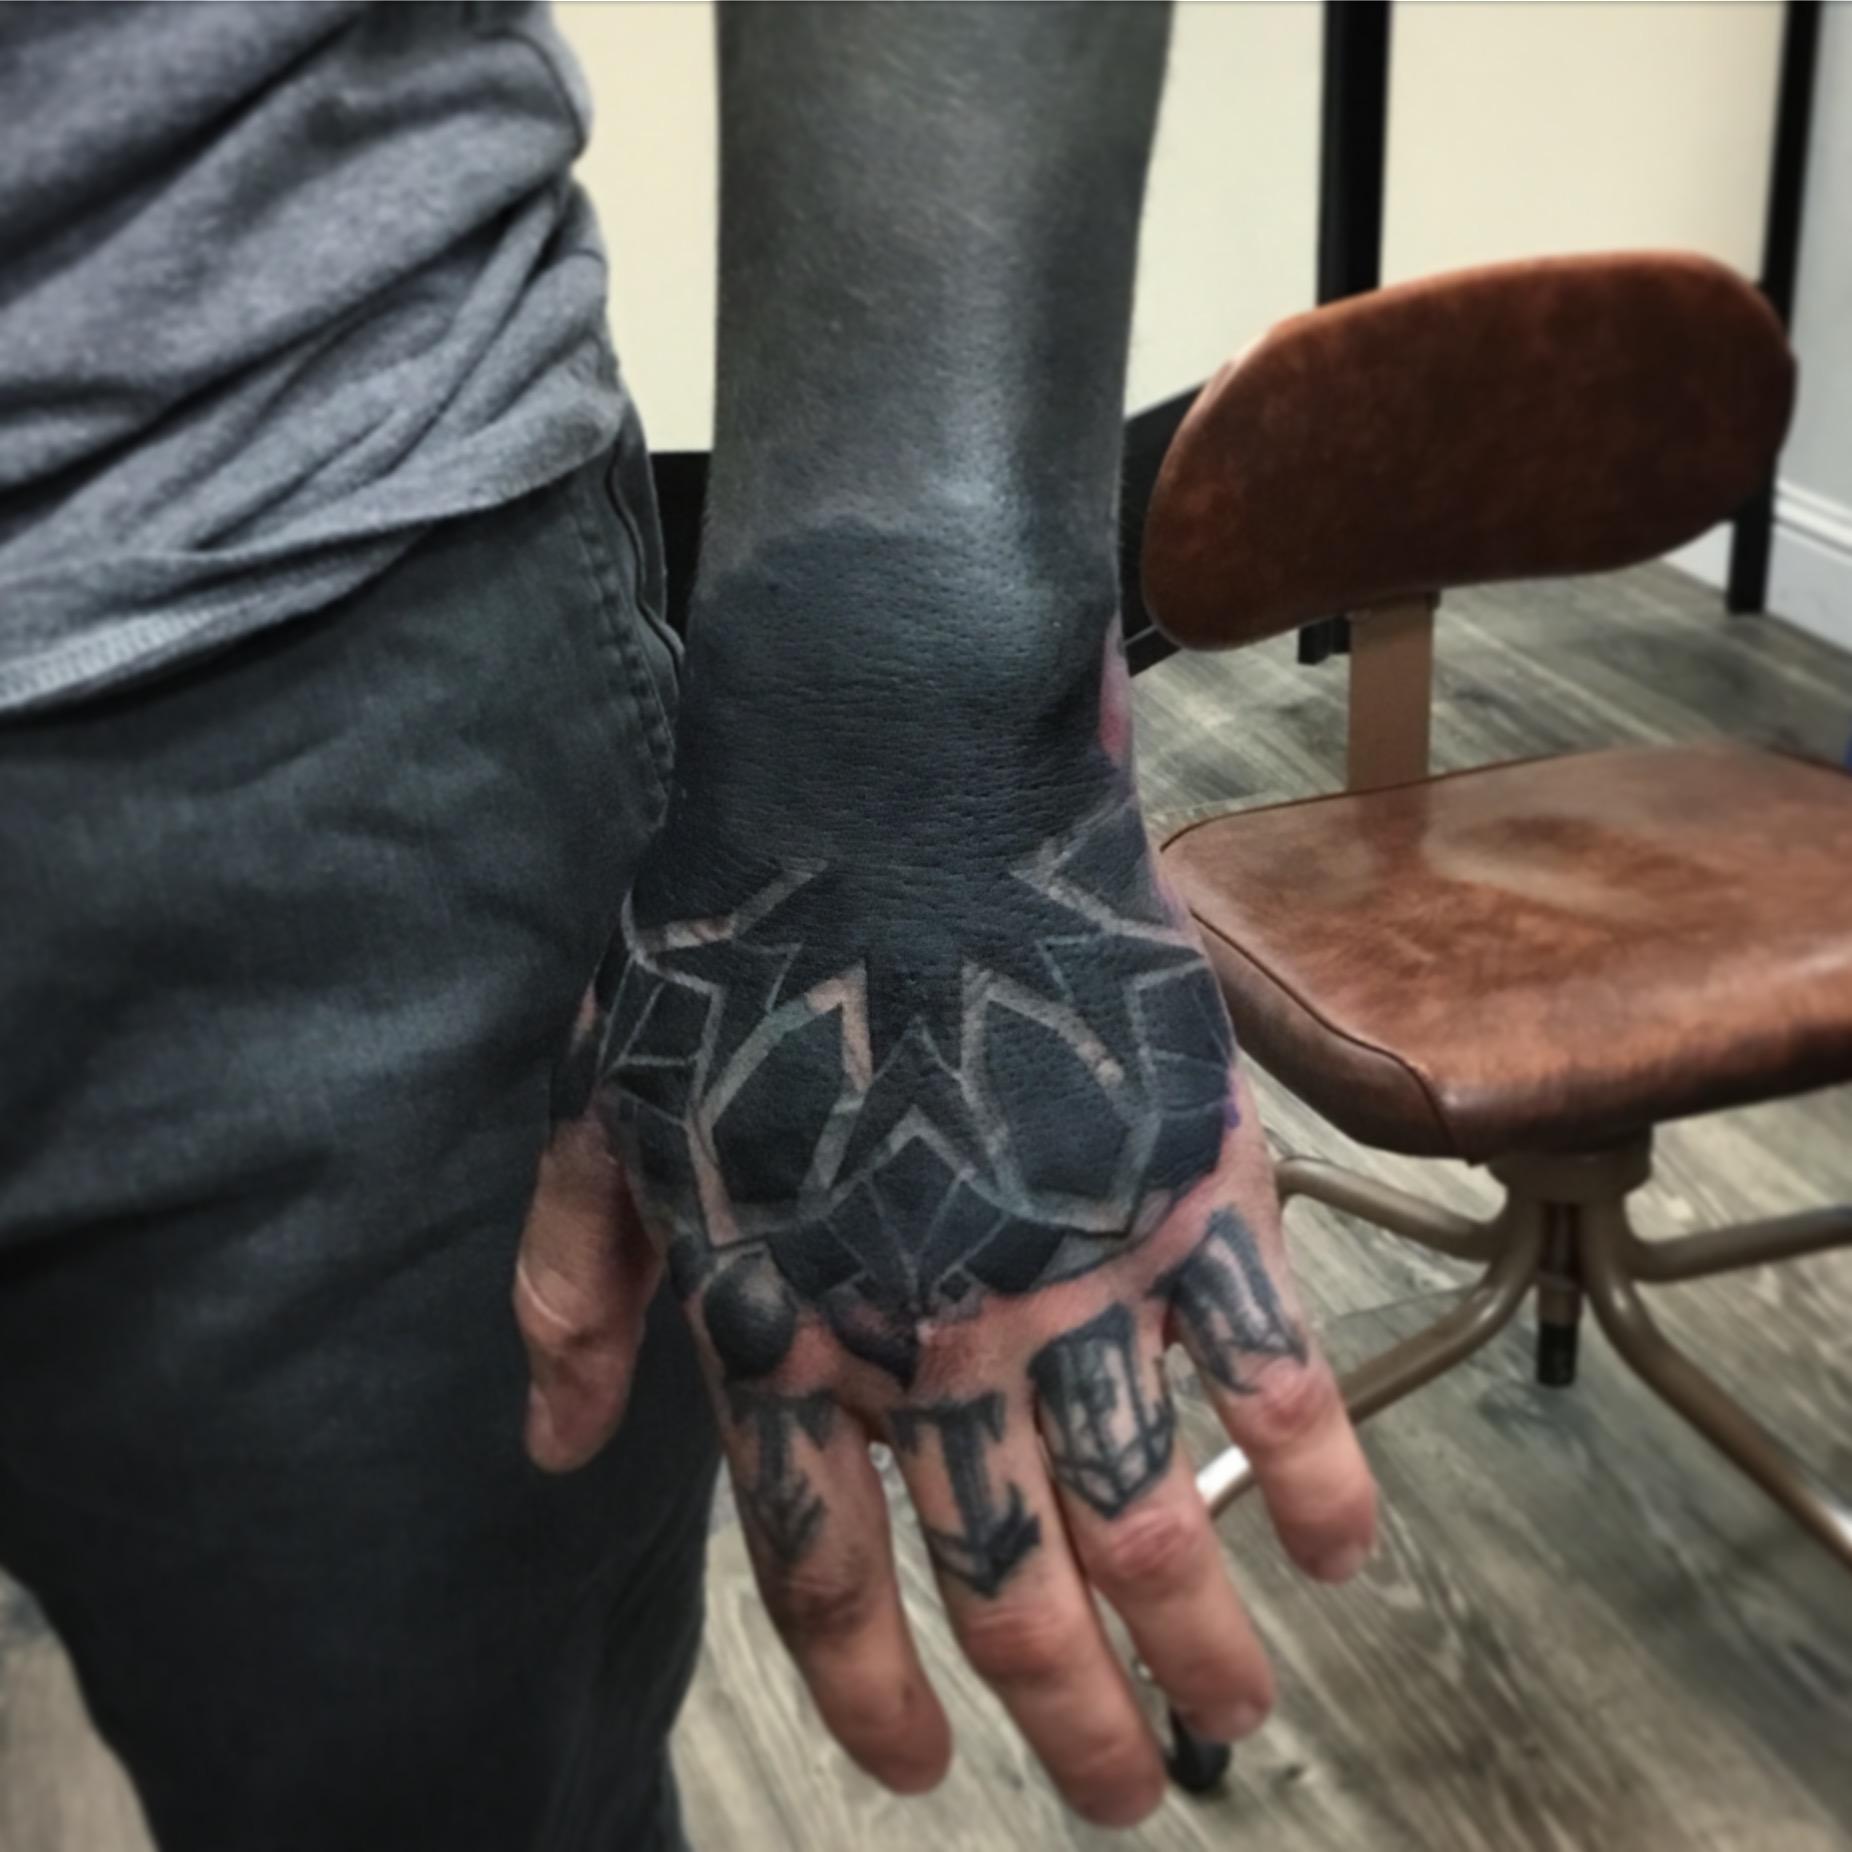 Josh's hand